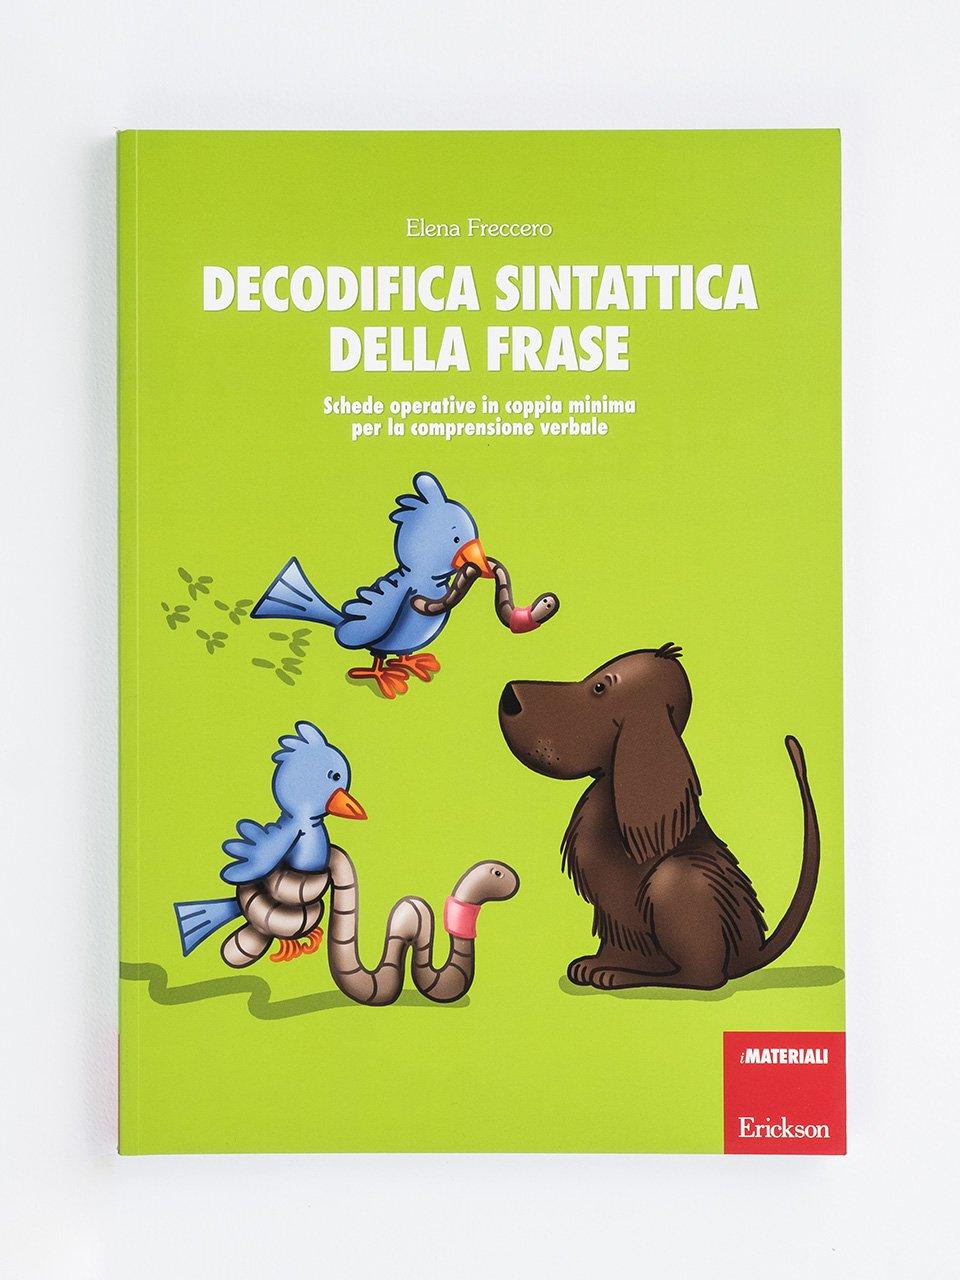 Decodifica sintattica della frase - Schede per Tablotto (6-8 anni) - I mostri dell'ort - Giochi - Erickson